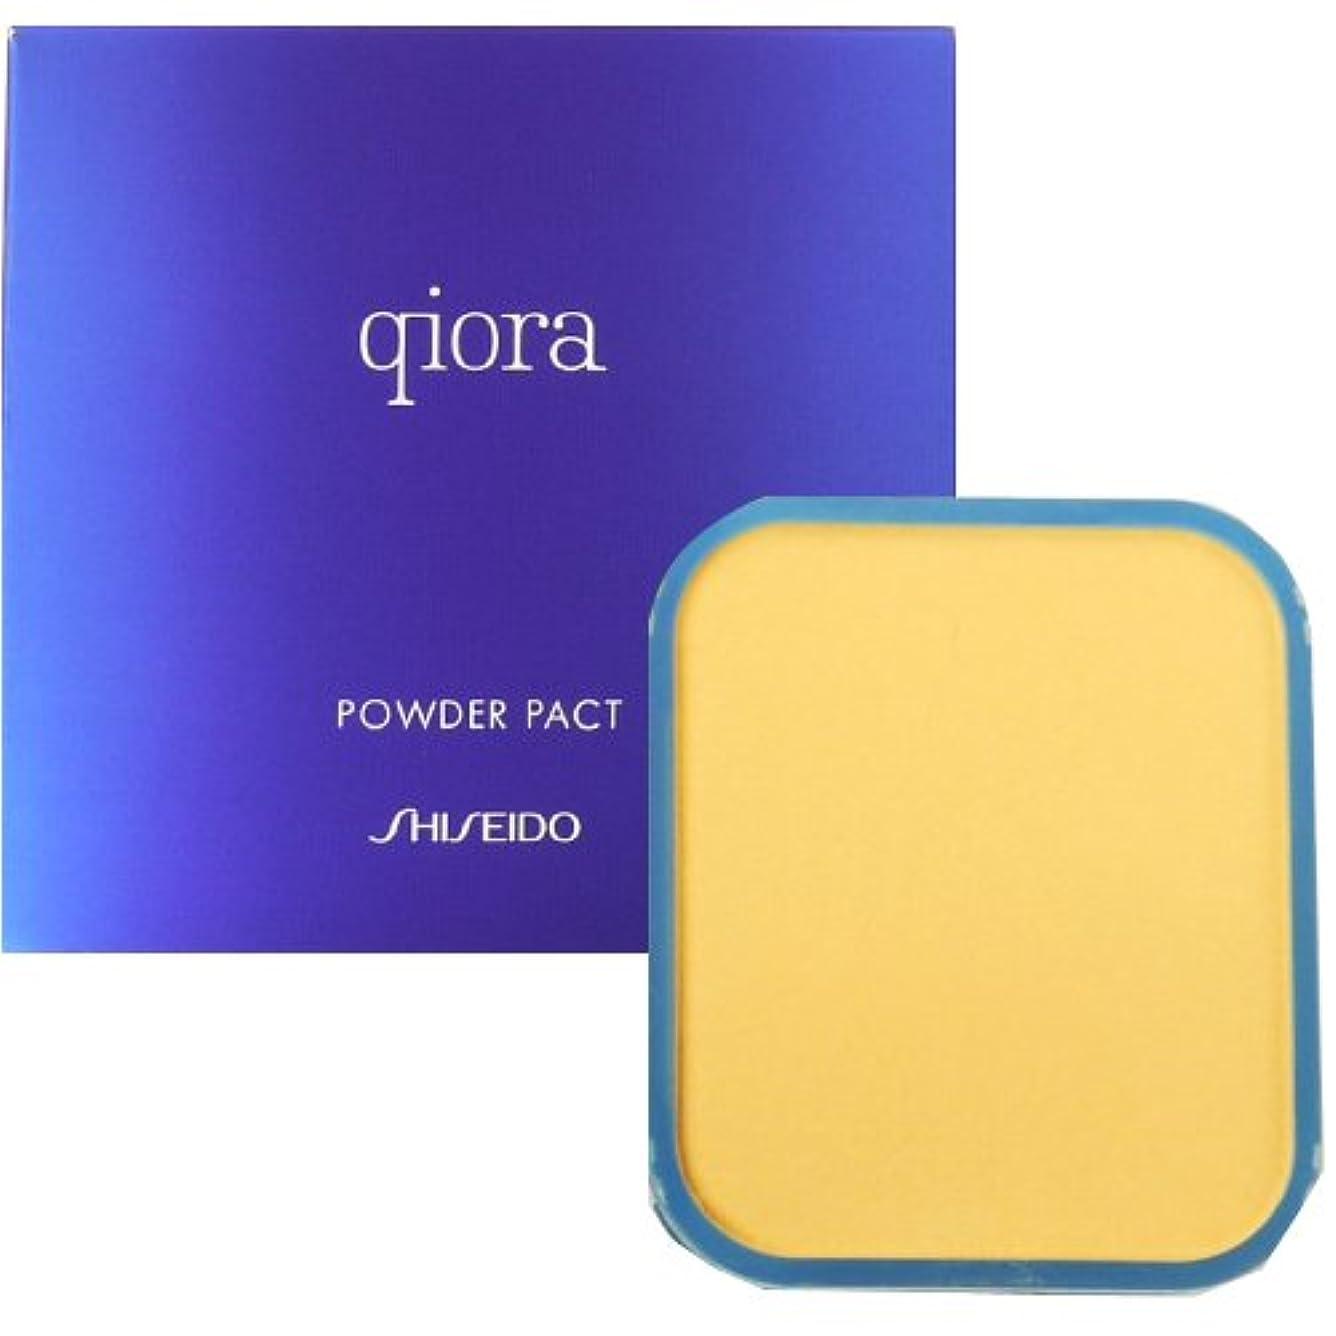 感動するで無駄な資生堂 キオラ qiora パウダーパクト SPF17 PA++ 【詰め替え用】 10g【オークル00】